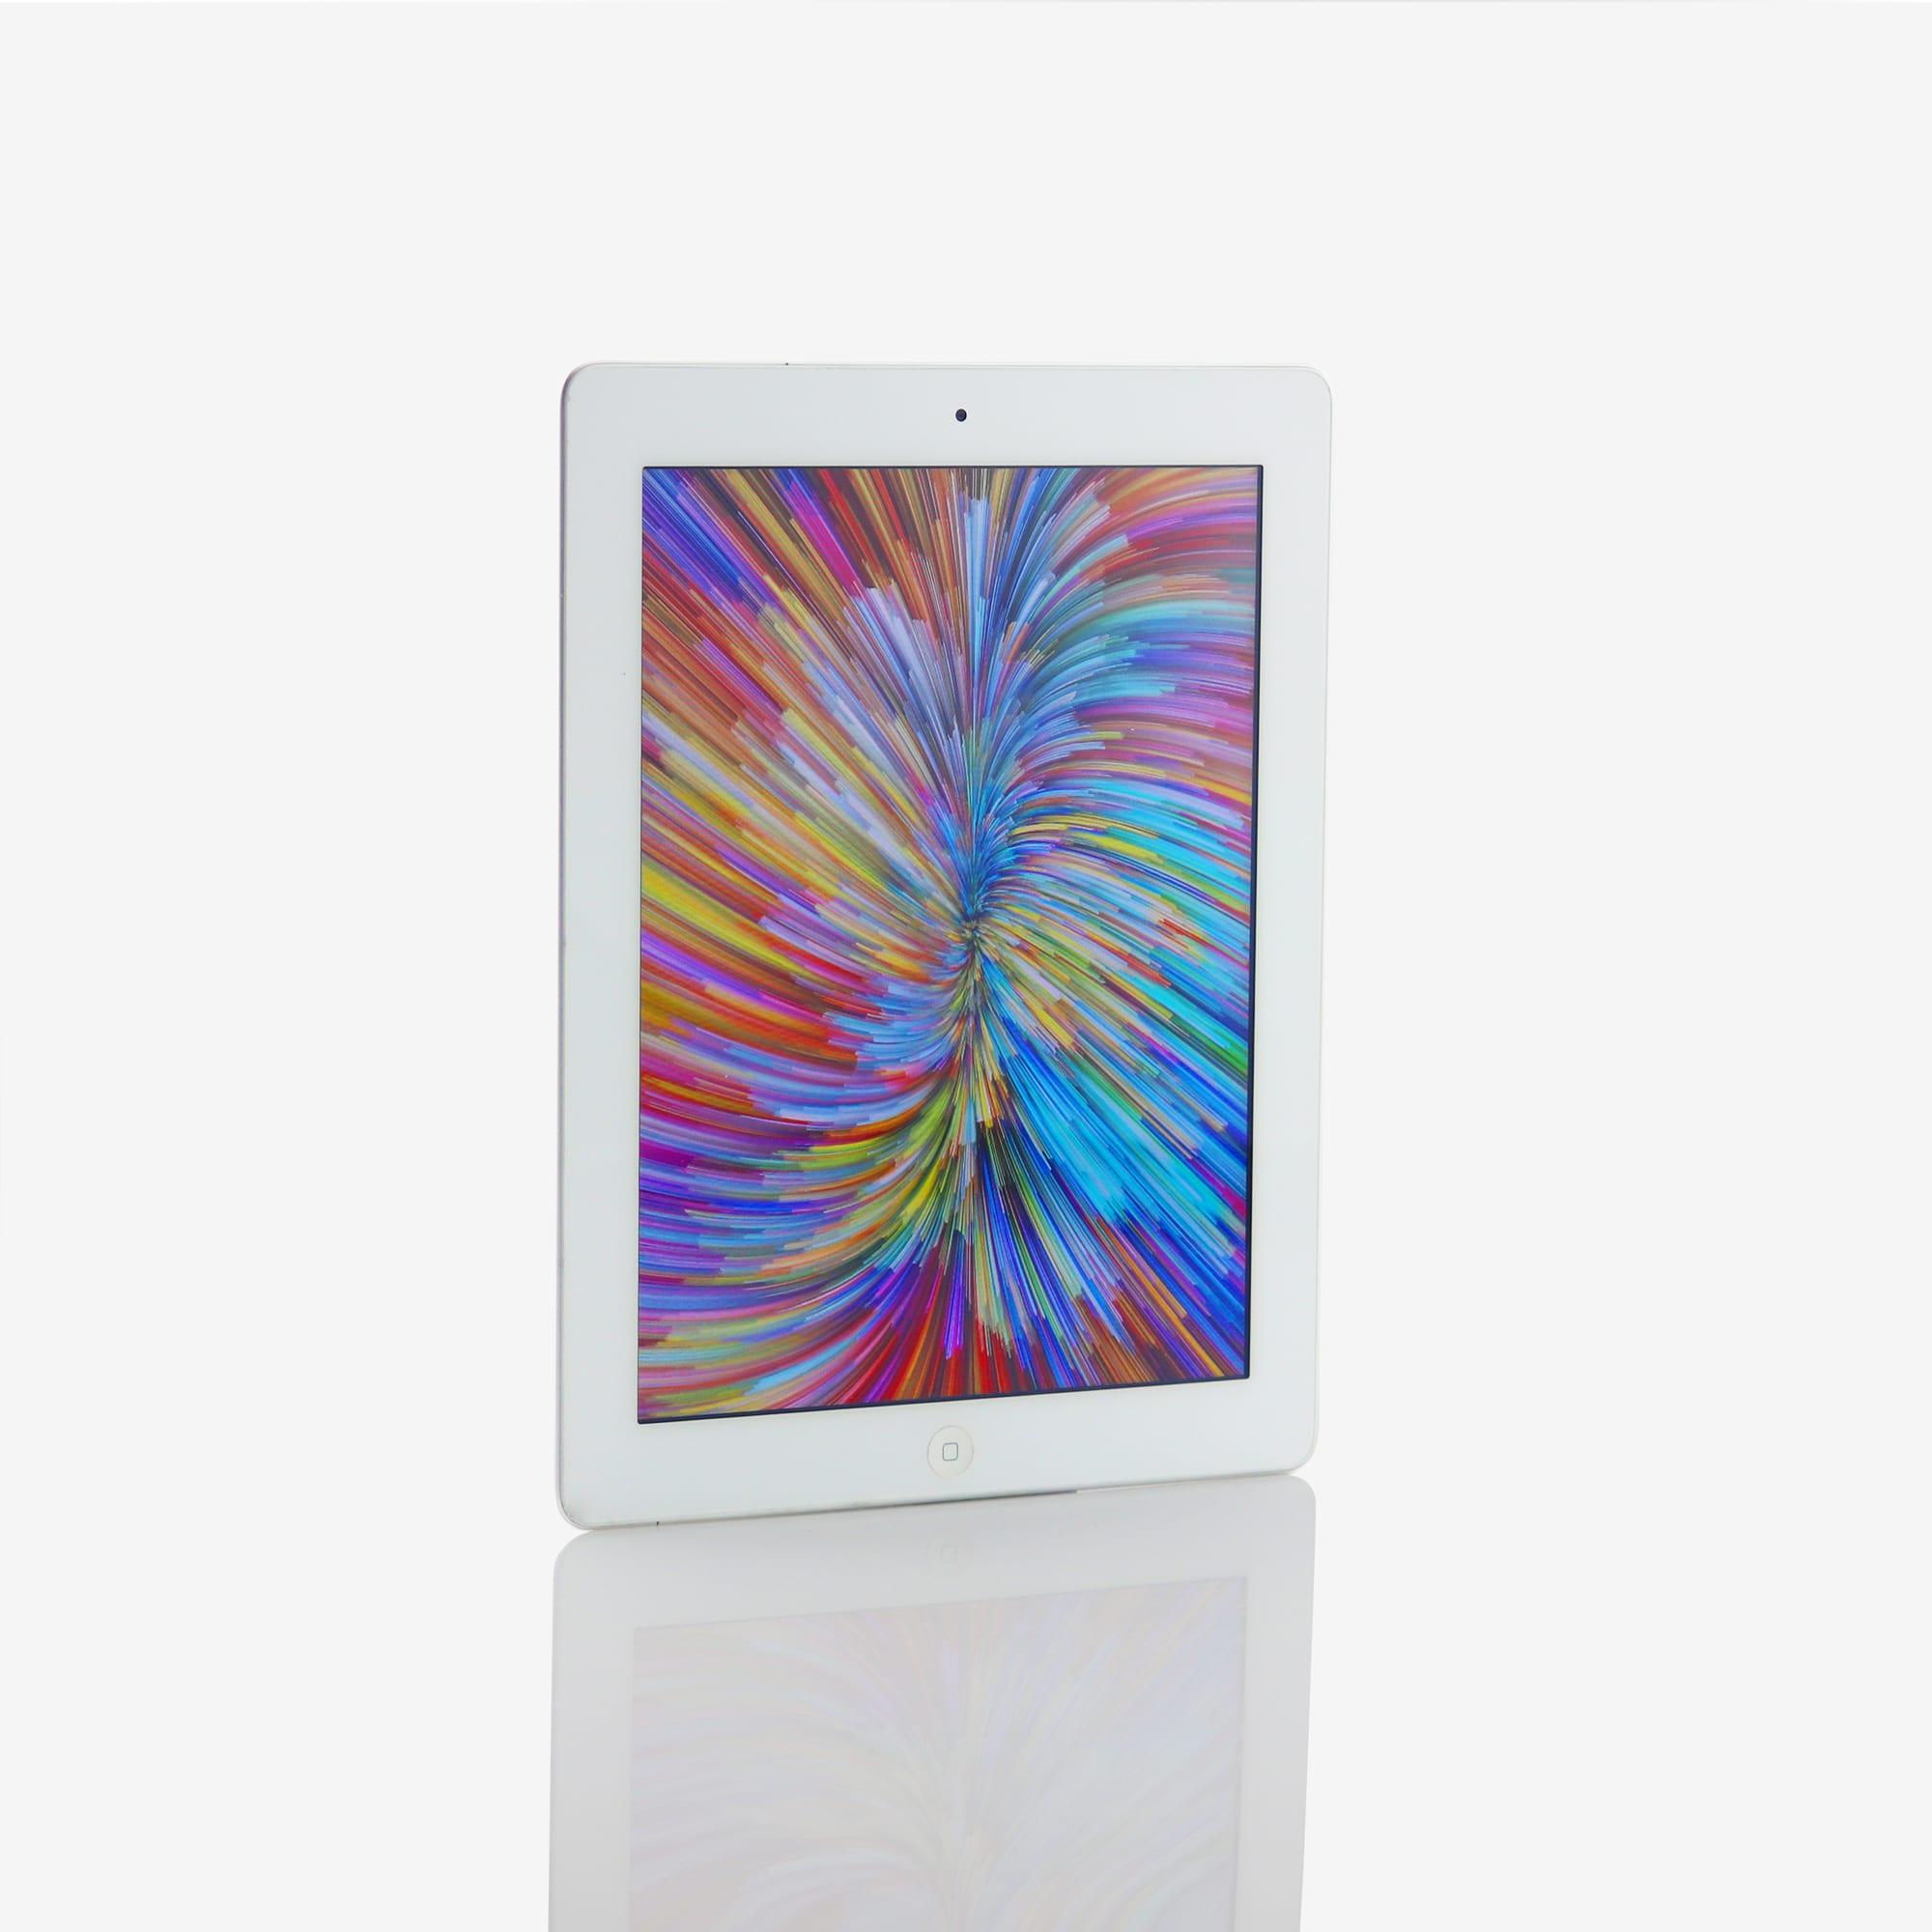 1 x iPad 2 (Wi-Fi) White